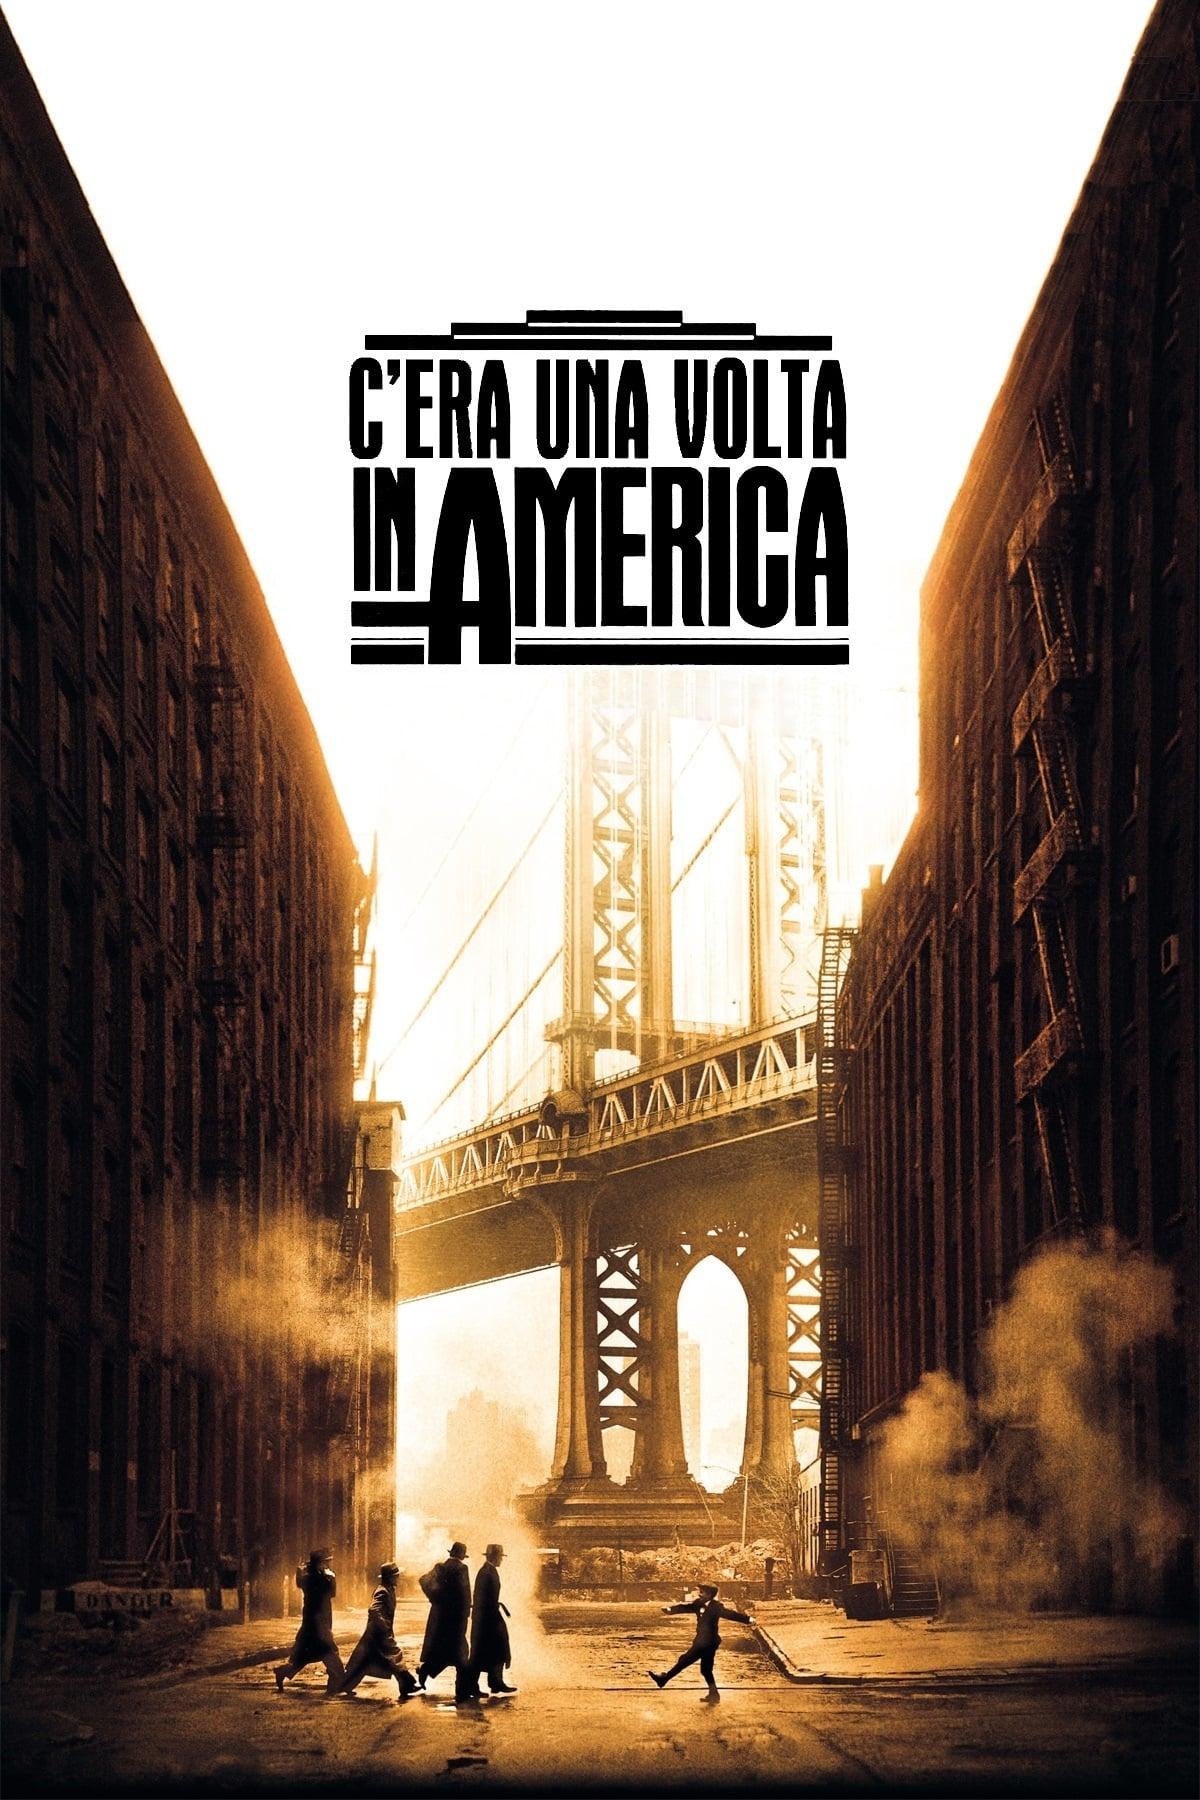 C'era una volta in america [HD] (1984)